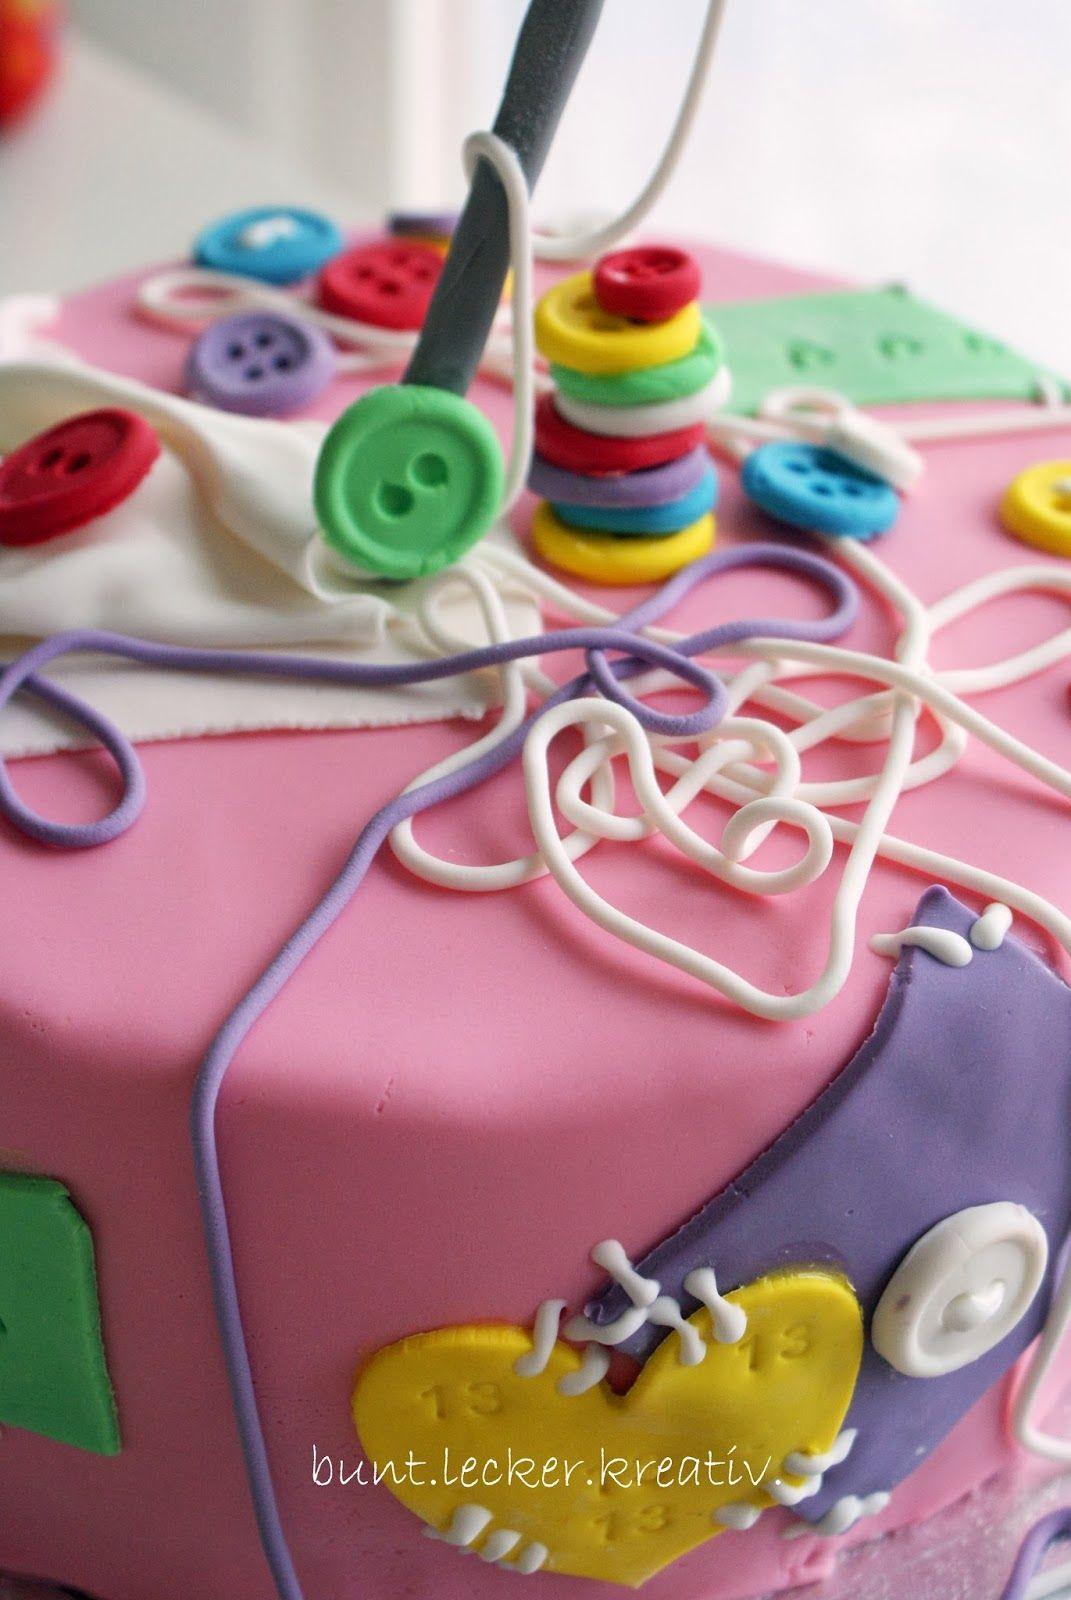 Nahen Torte Geburtstag Sewing Cake Nah Torte Pinterest